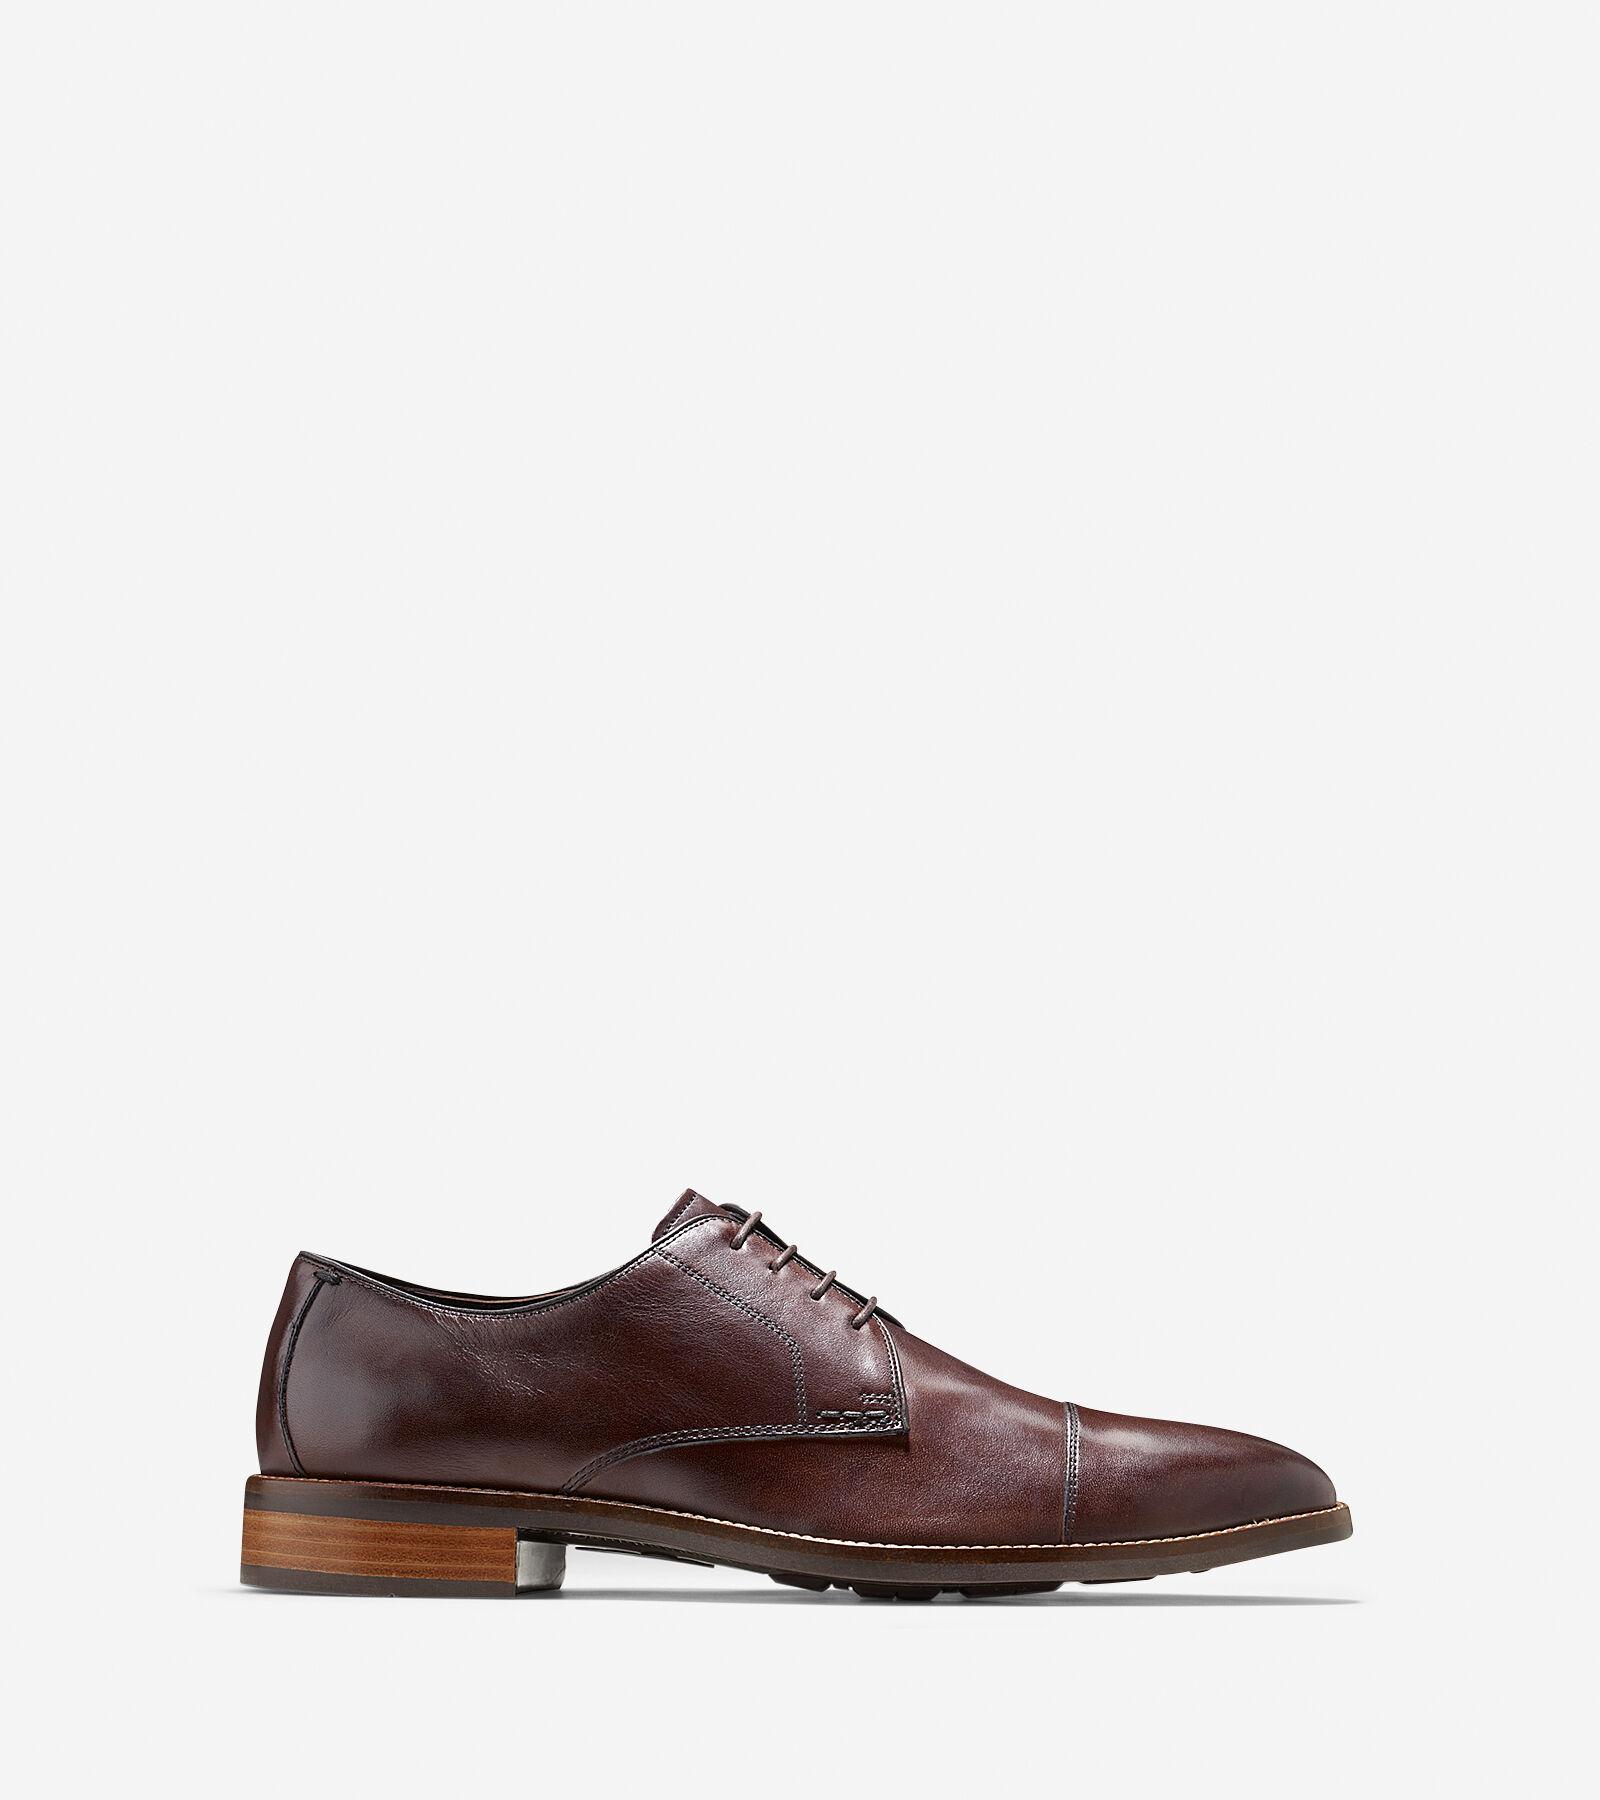 Shoes > Lenox Hill Cap Toe Oxford